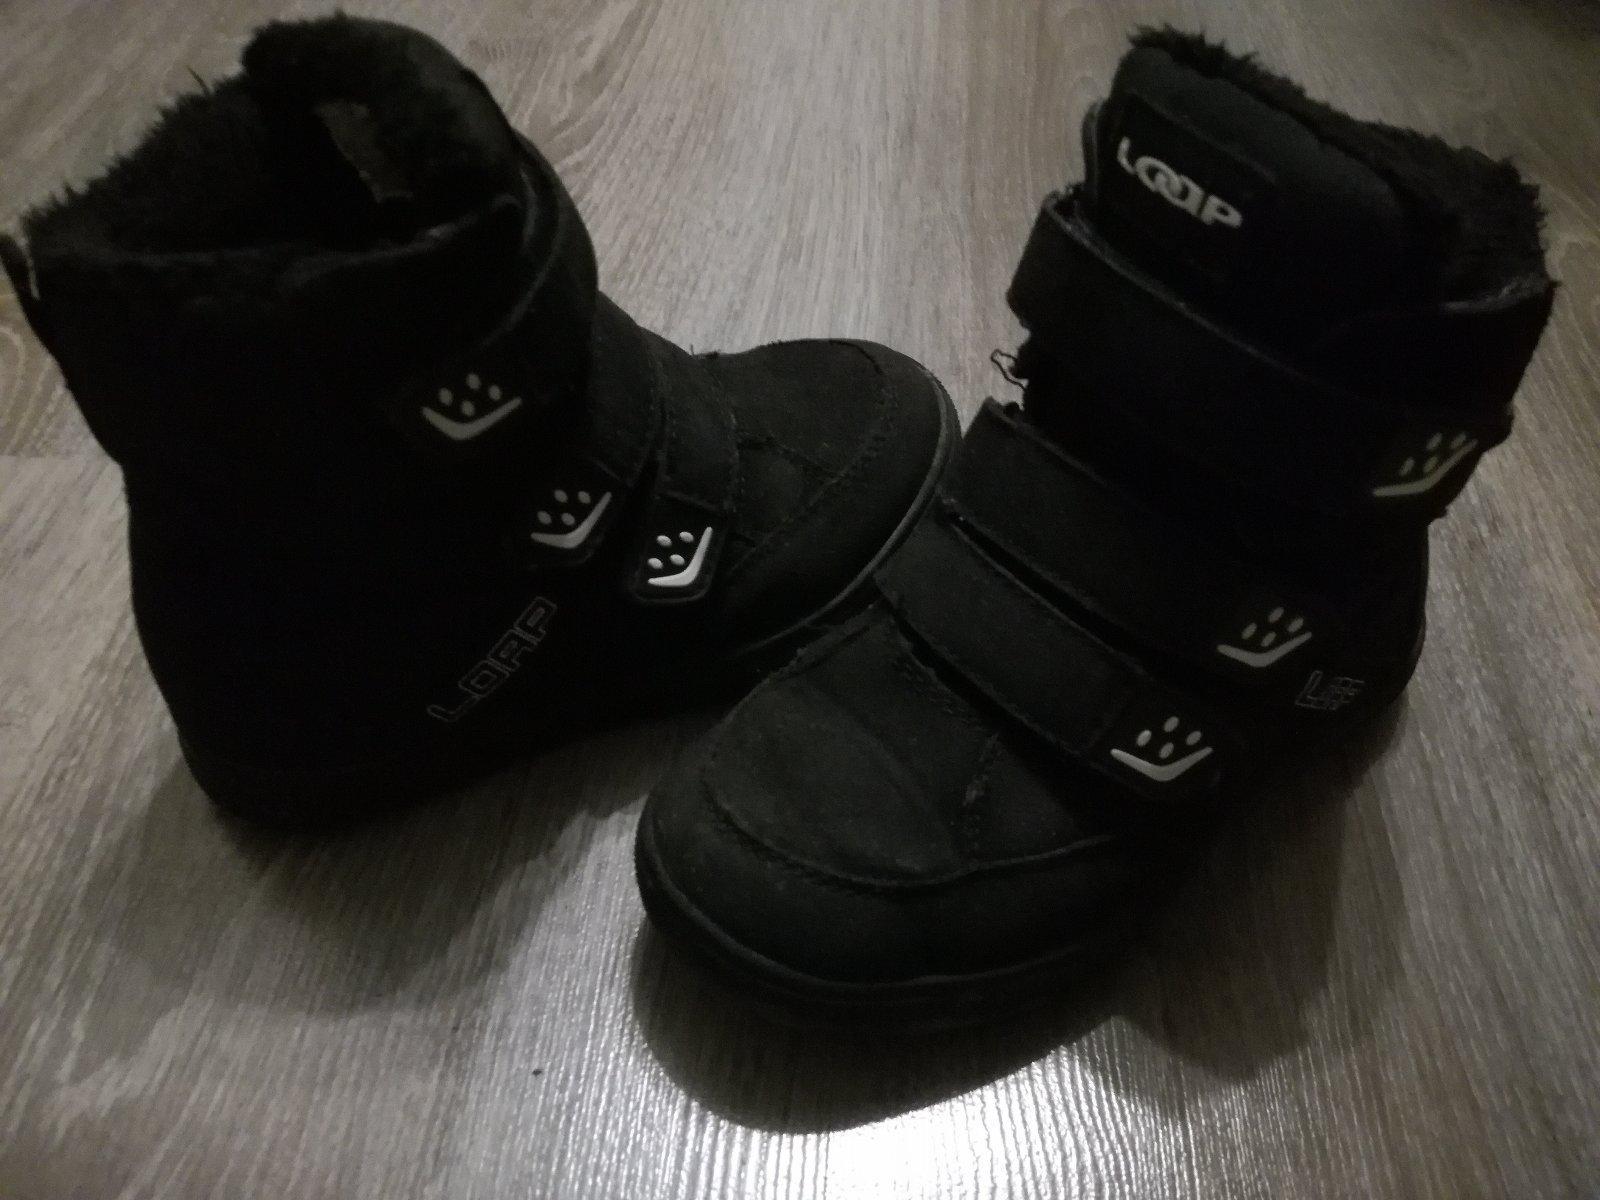 de2fab3f0 Zimné chlapčenské čižmy loap (eu 30), loap,30 - 17 € od predávajúcej  mishela25287 | Detský bazár | ModryKonik.sk